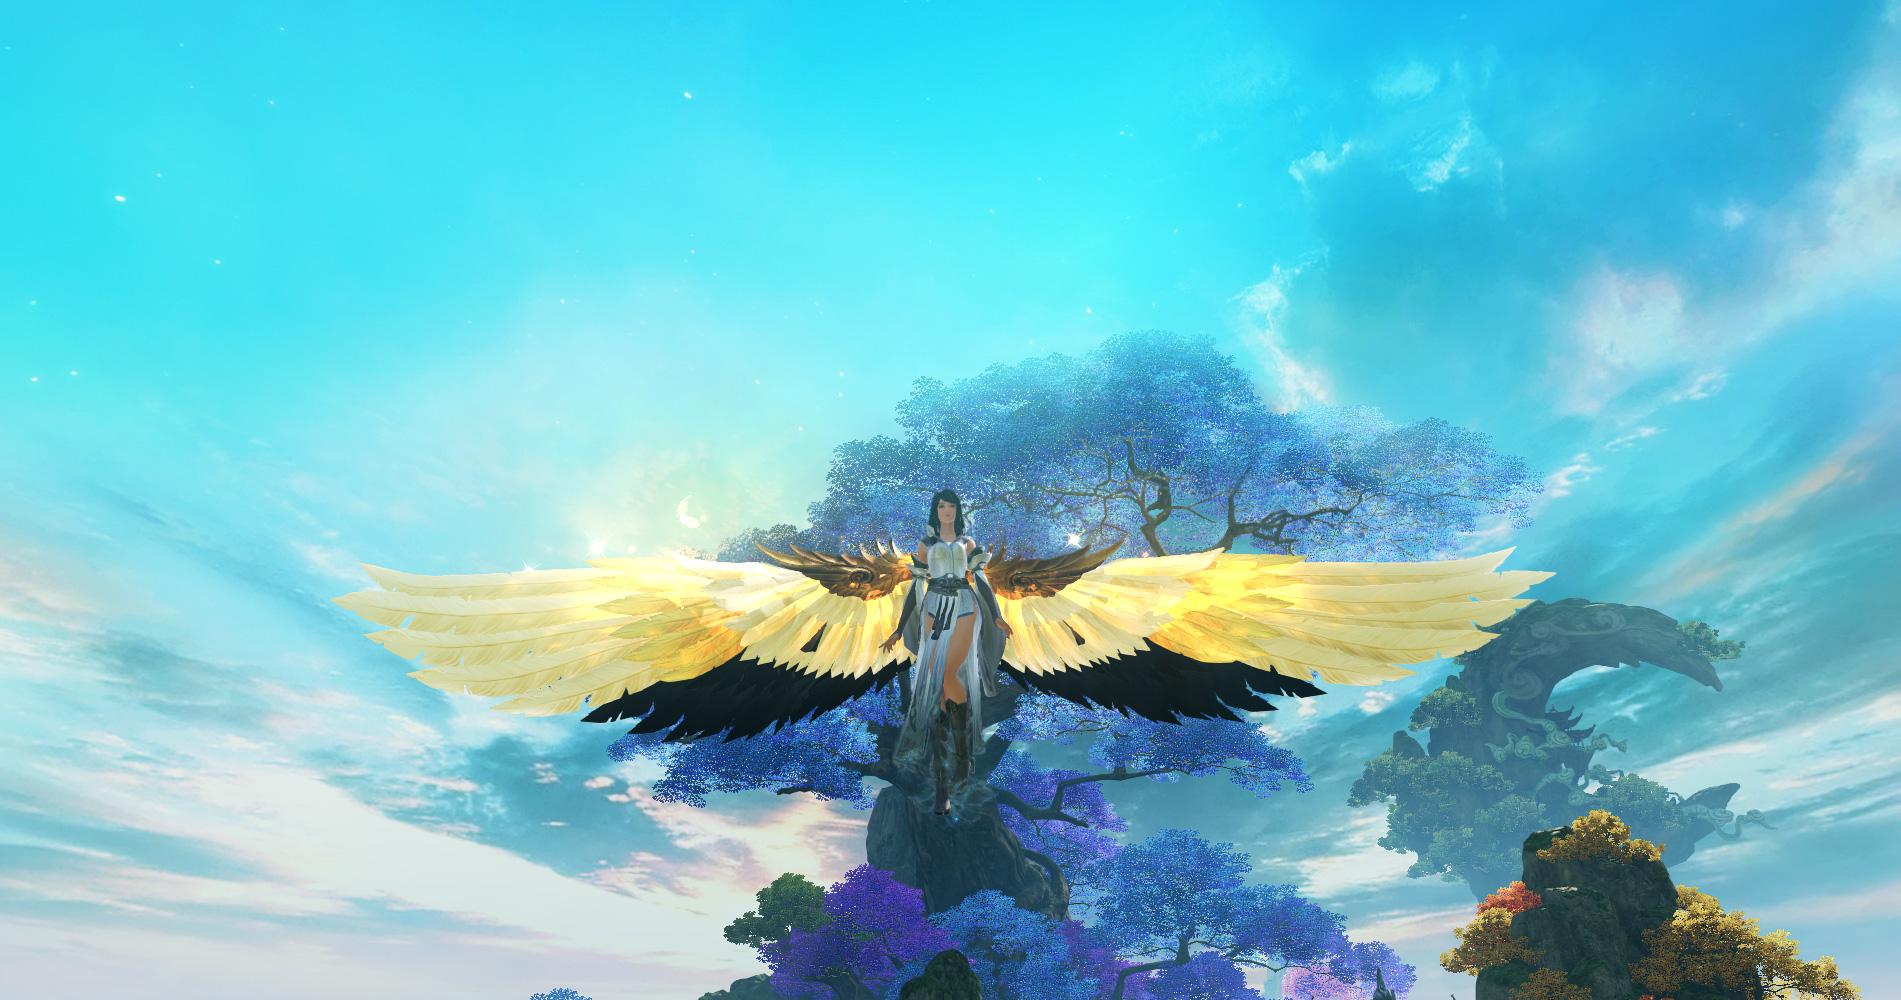 万古云霄    获取途径:十方镇皇北樱处购买;   三,鹤啸之翼    翅膀